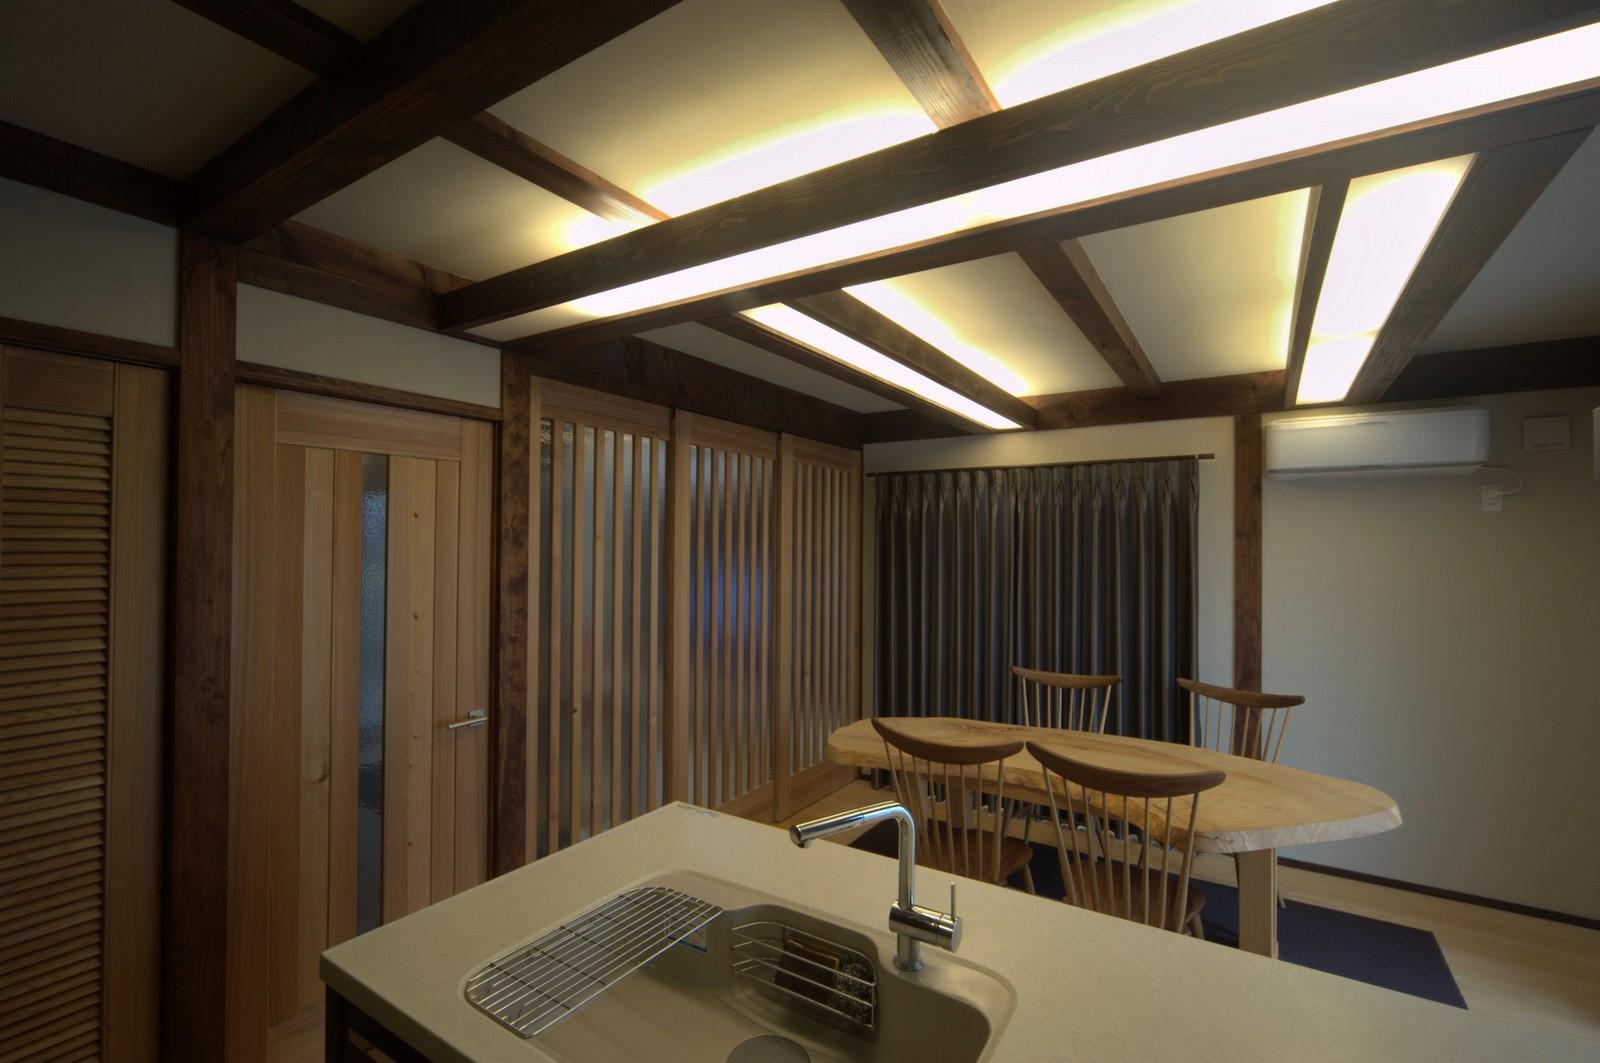 キッチン事例:構造材を使った間接照明のあるダイニングキッチン(『図書館のある家』~そこに住むことの楽しさを追求した住宅~)